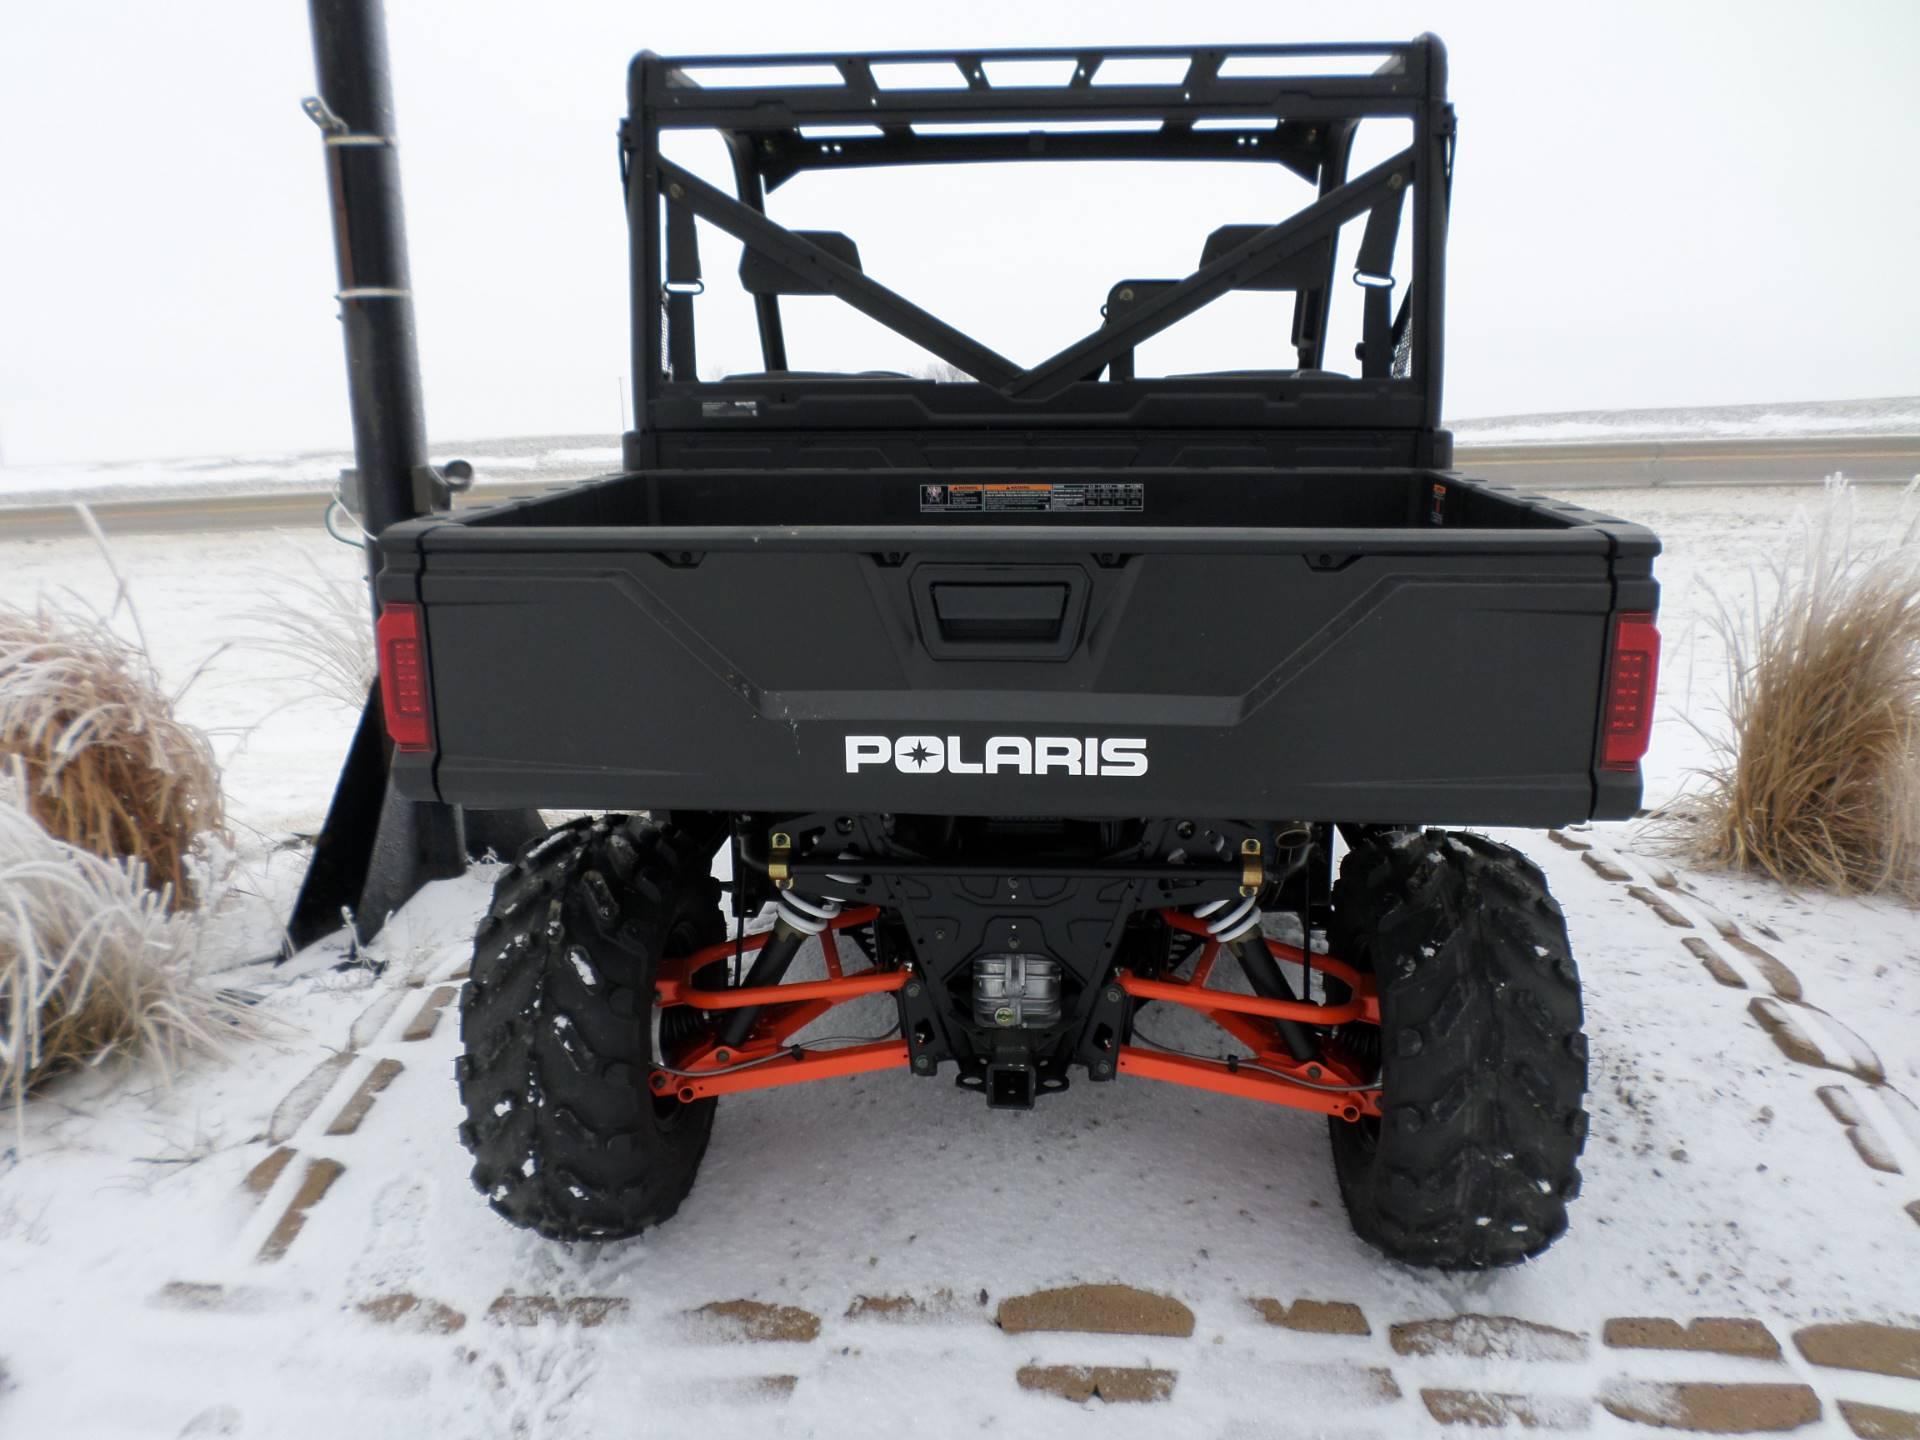 2019 Polaris Ranger XP 900 EPS 4